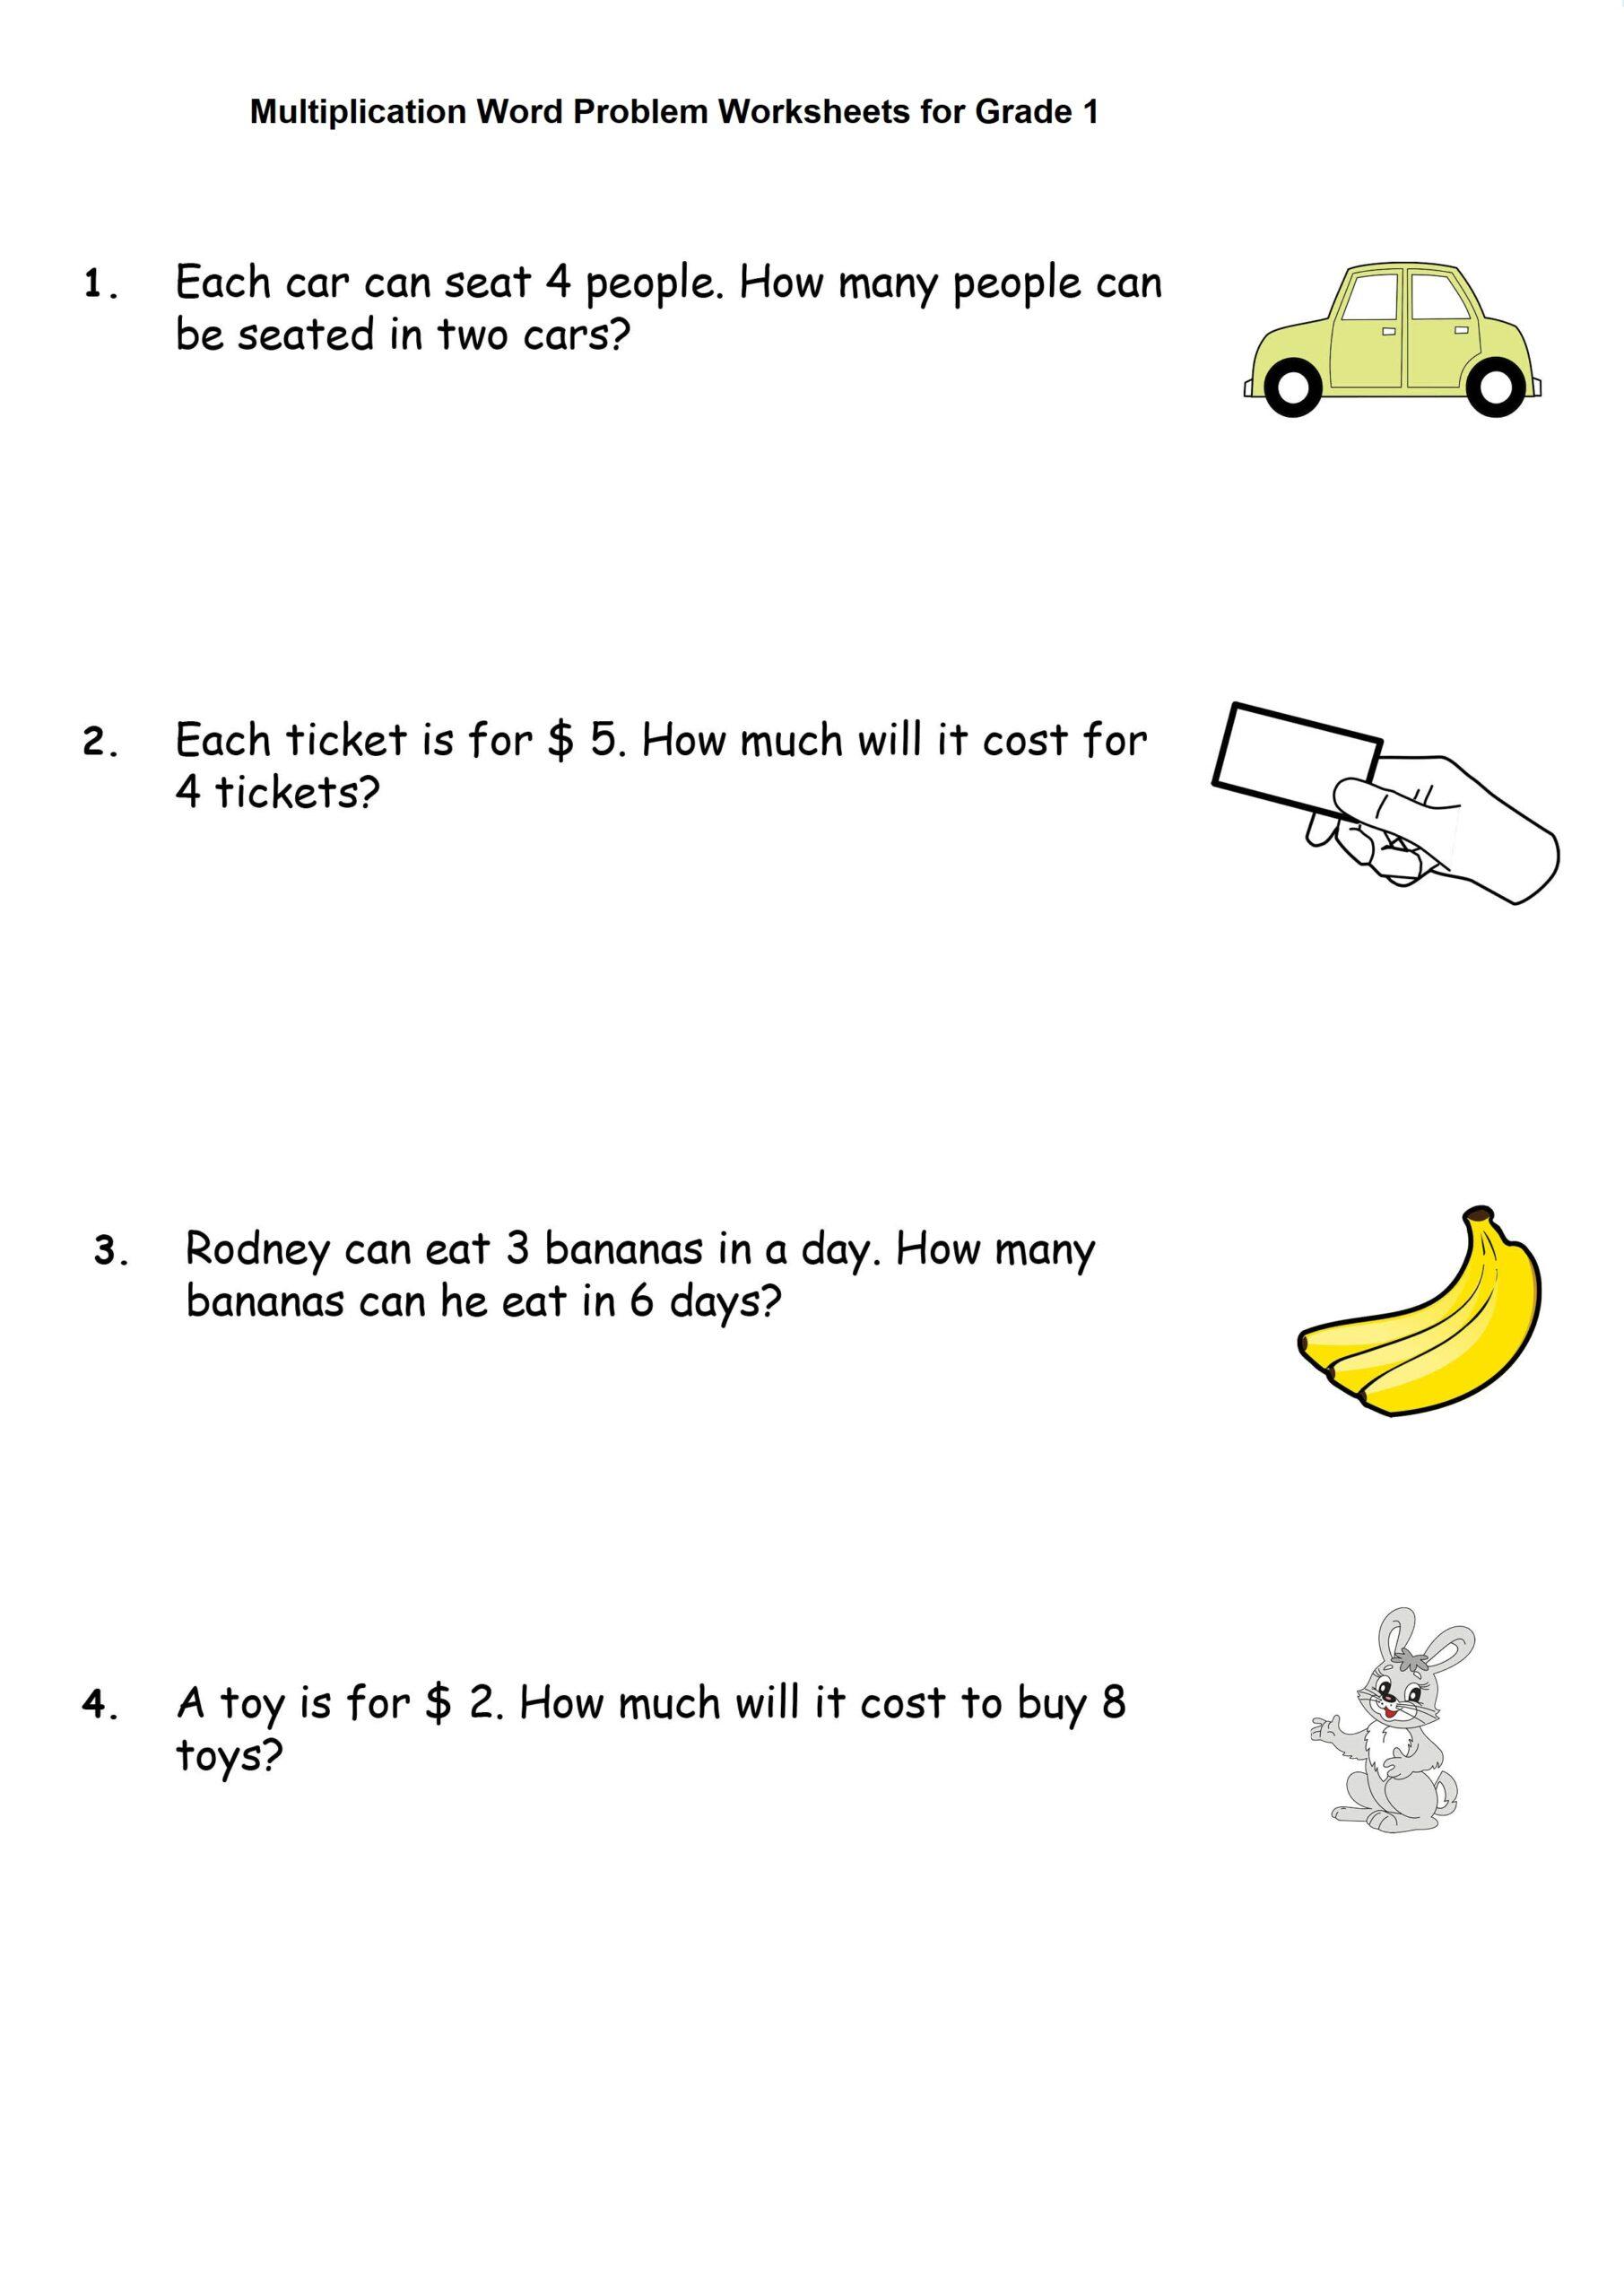 Multiplication Word Problem Worksheets for Grade 1